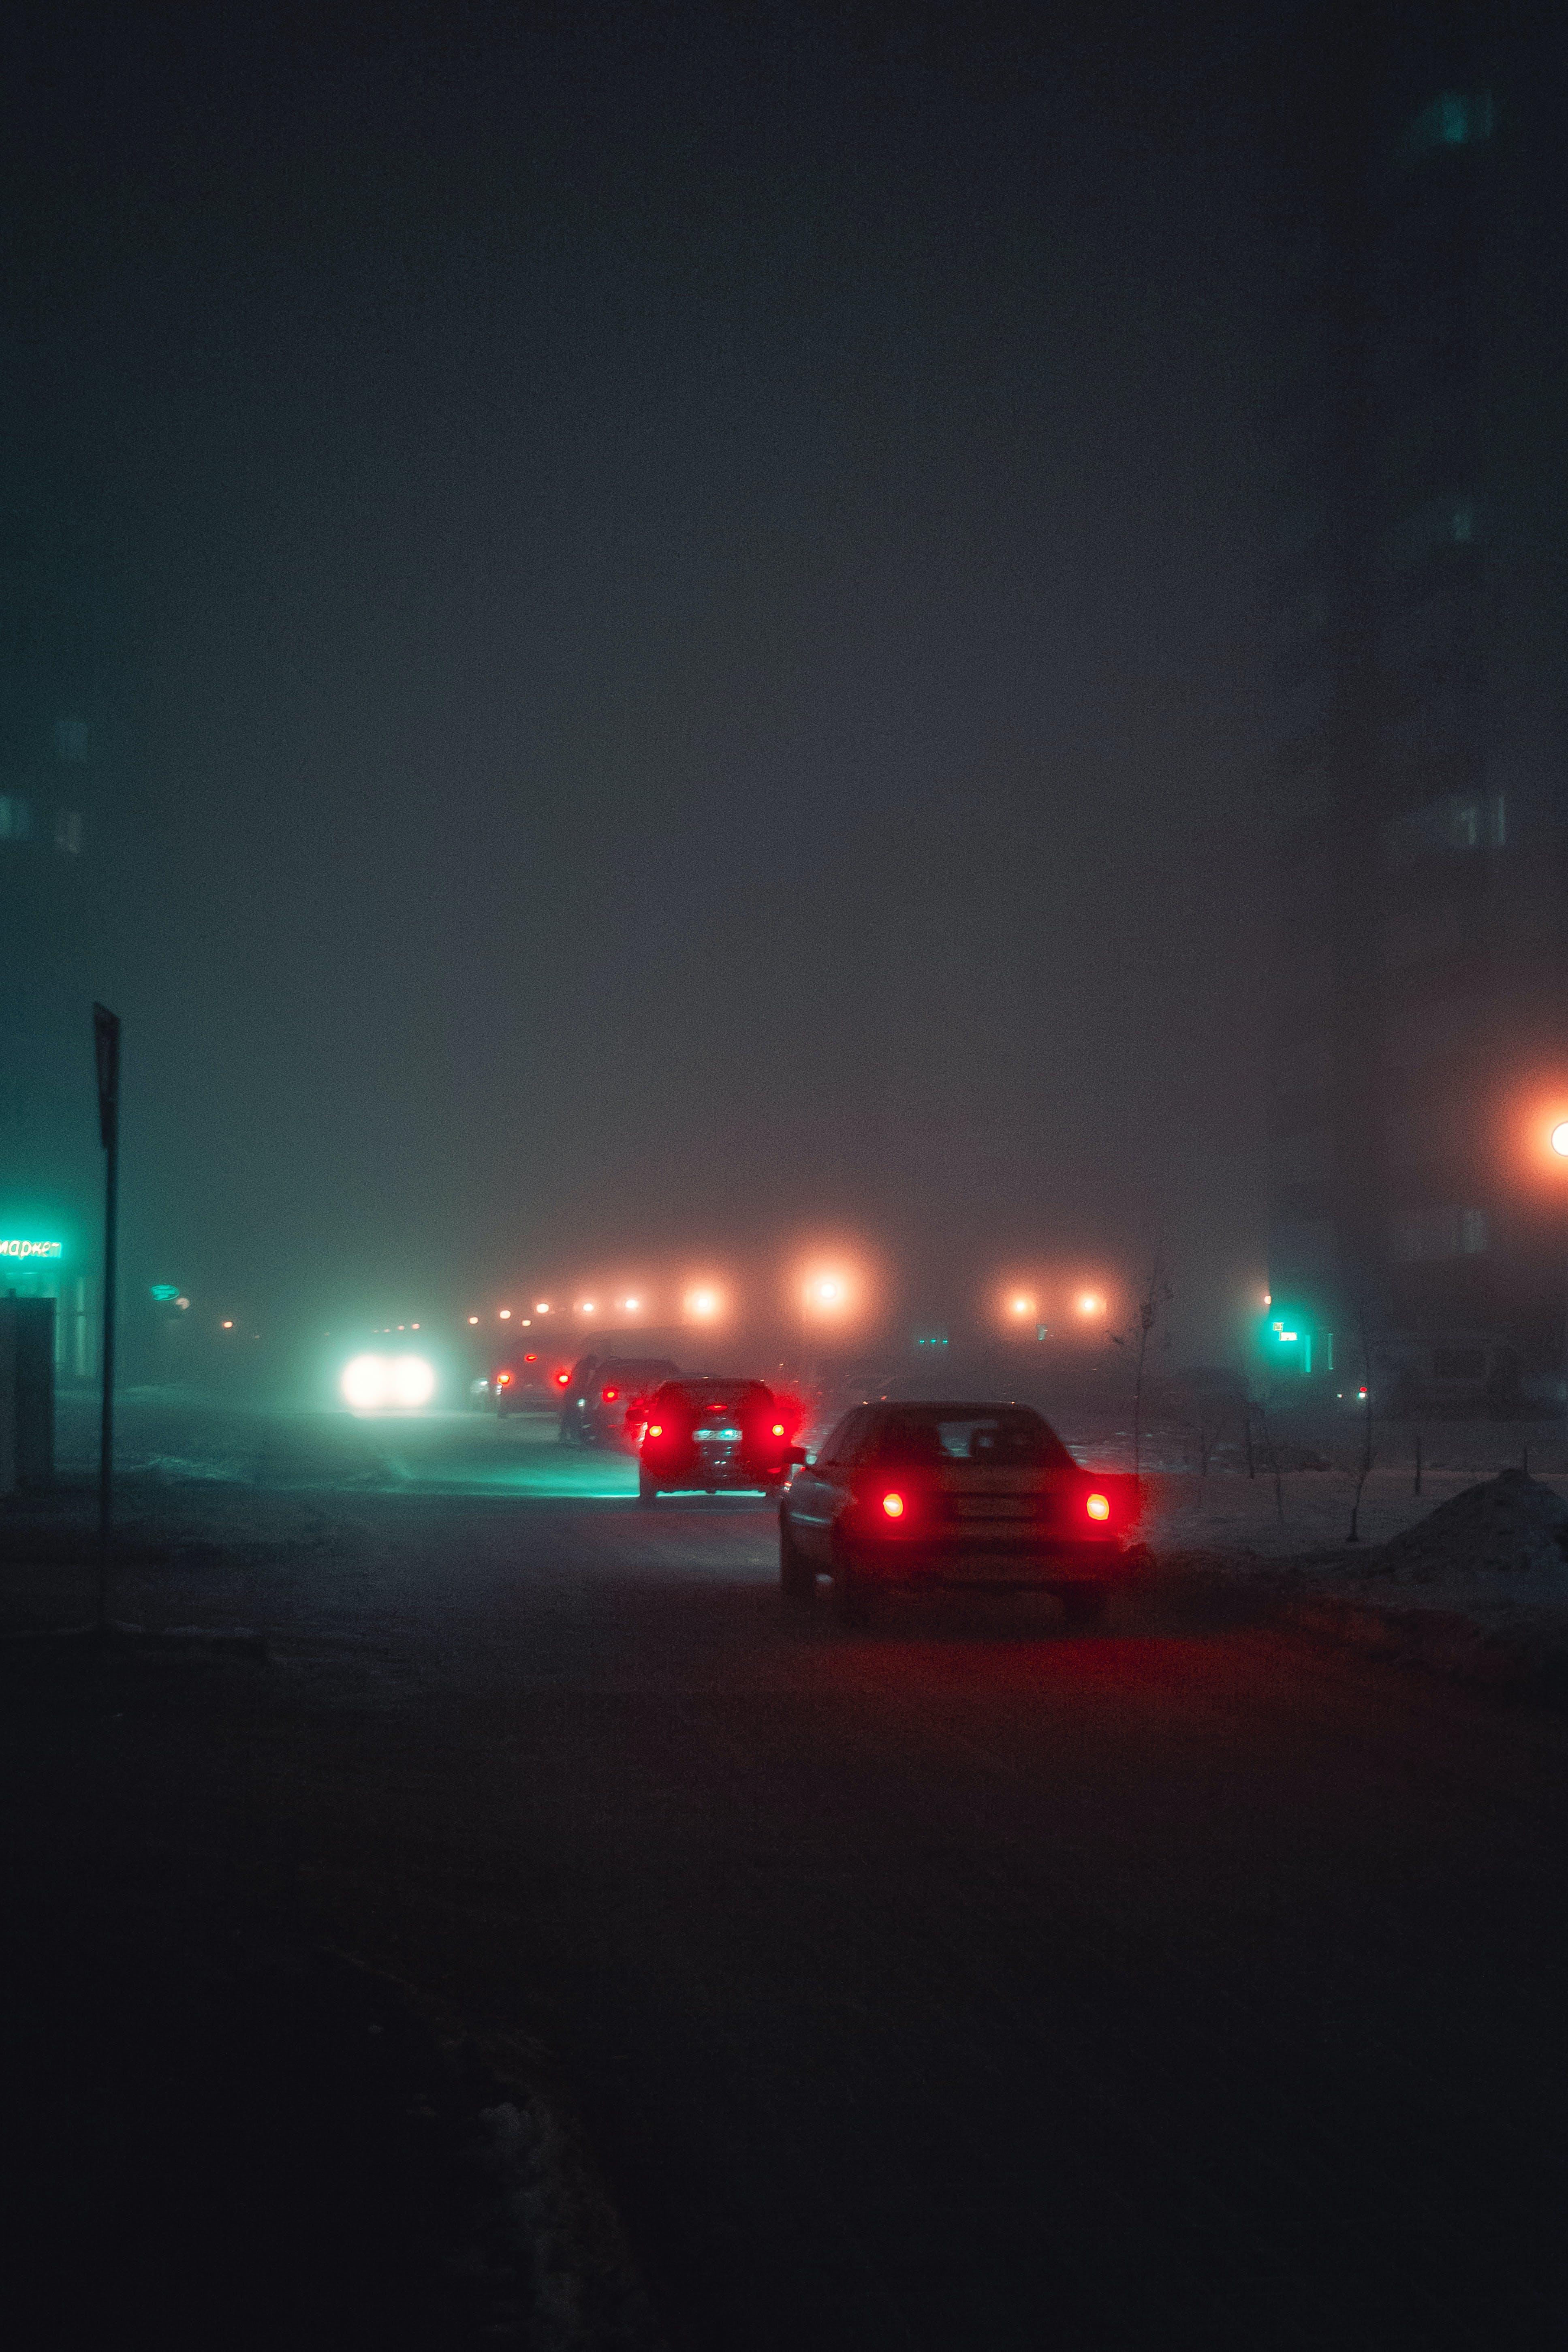 Gratis stockfoto met actie, auto's, avond, belicht